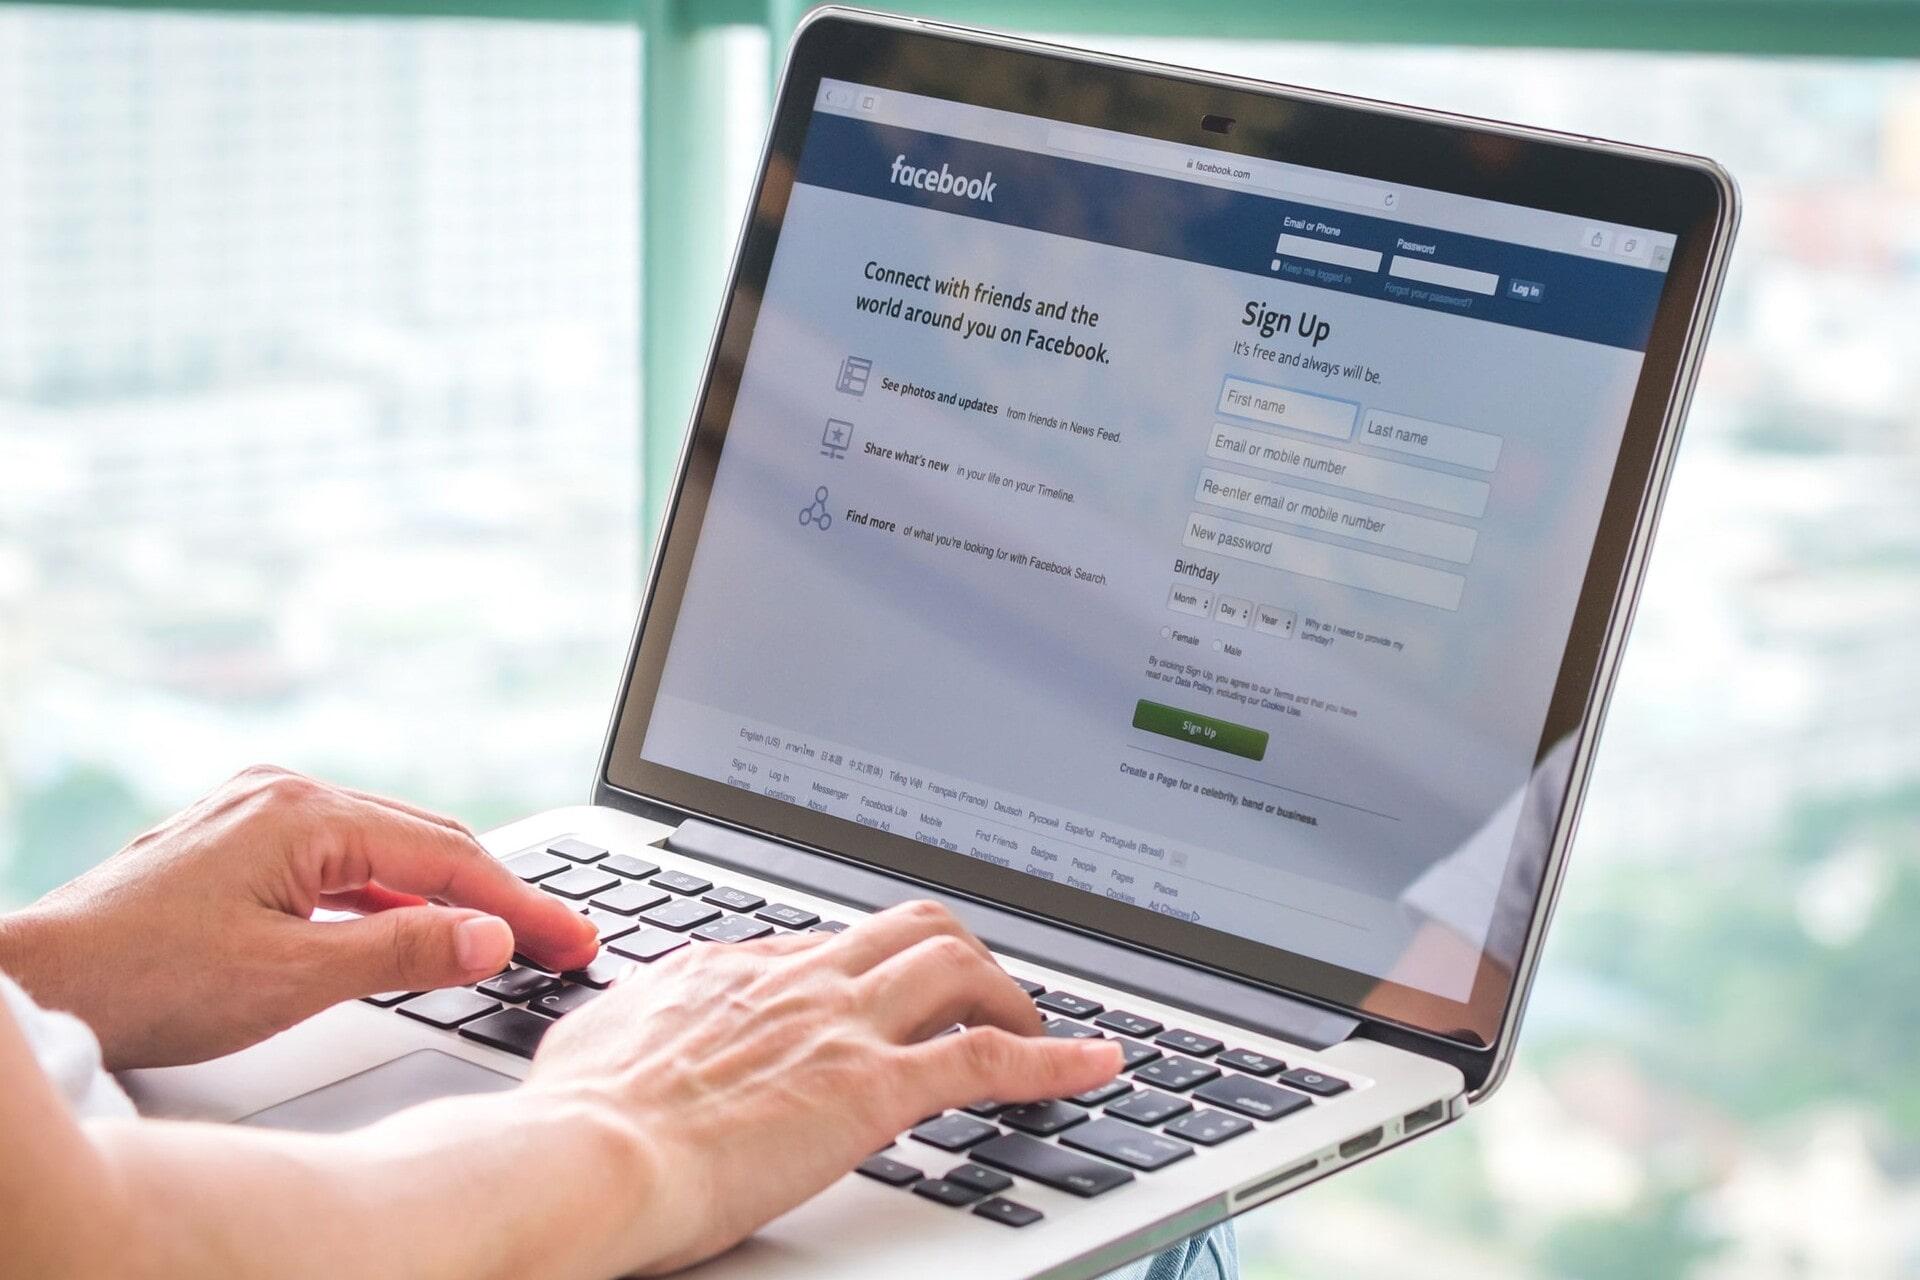 Nem működik a domain igazolás? Nem tudsz konverziós eseményeket létrehozni a Facebookon?